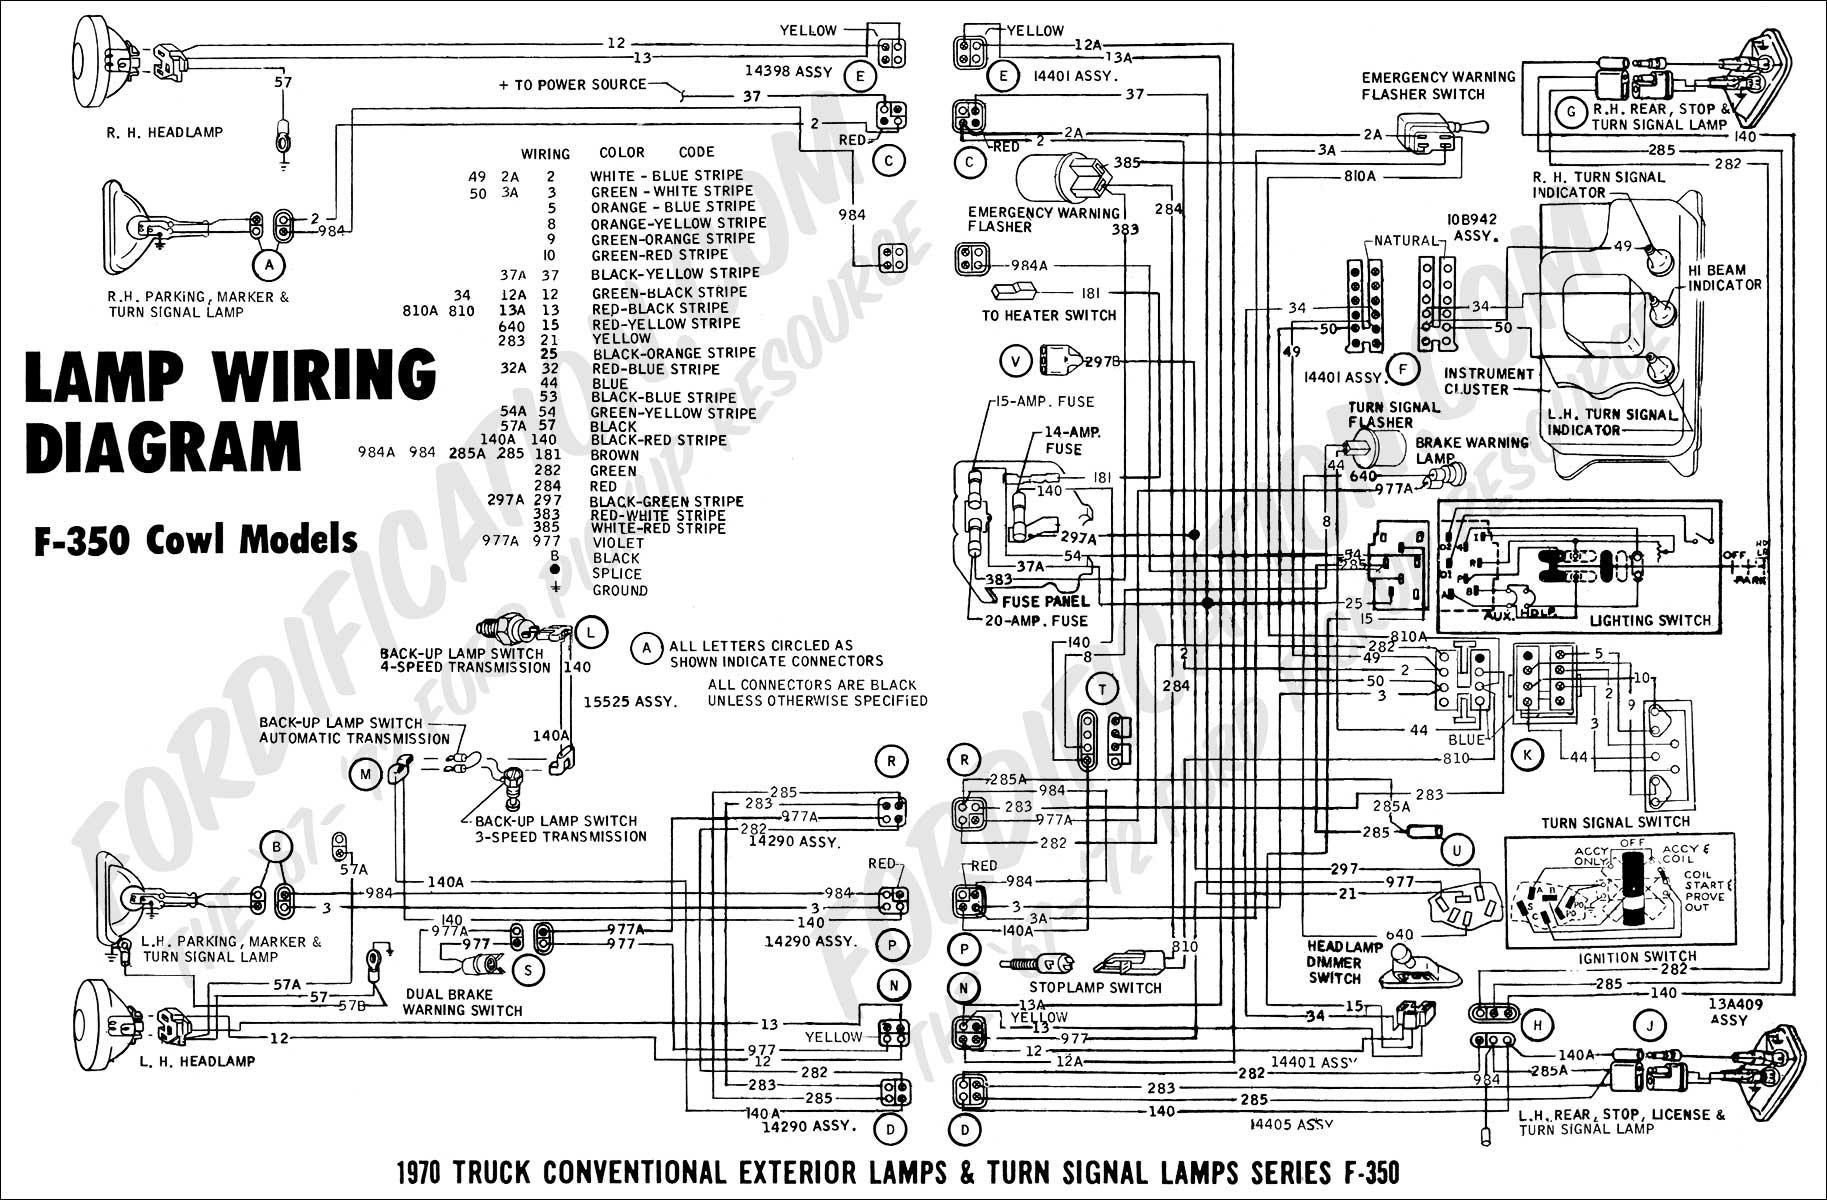 F350 Wiring Schematics | Schematic Diagram - Ford F350 Wiring Diagram Free